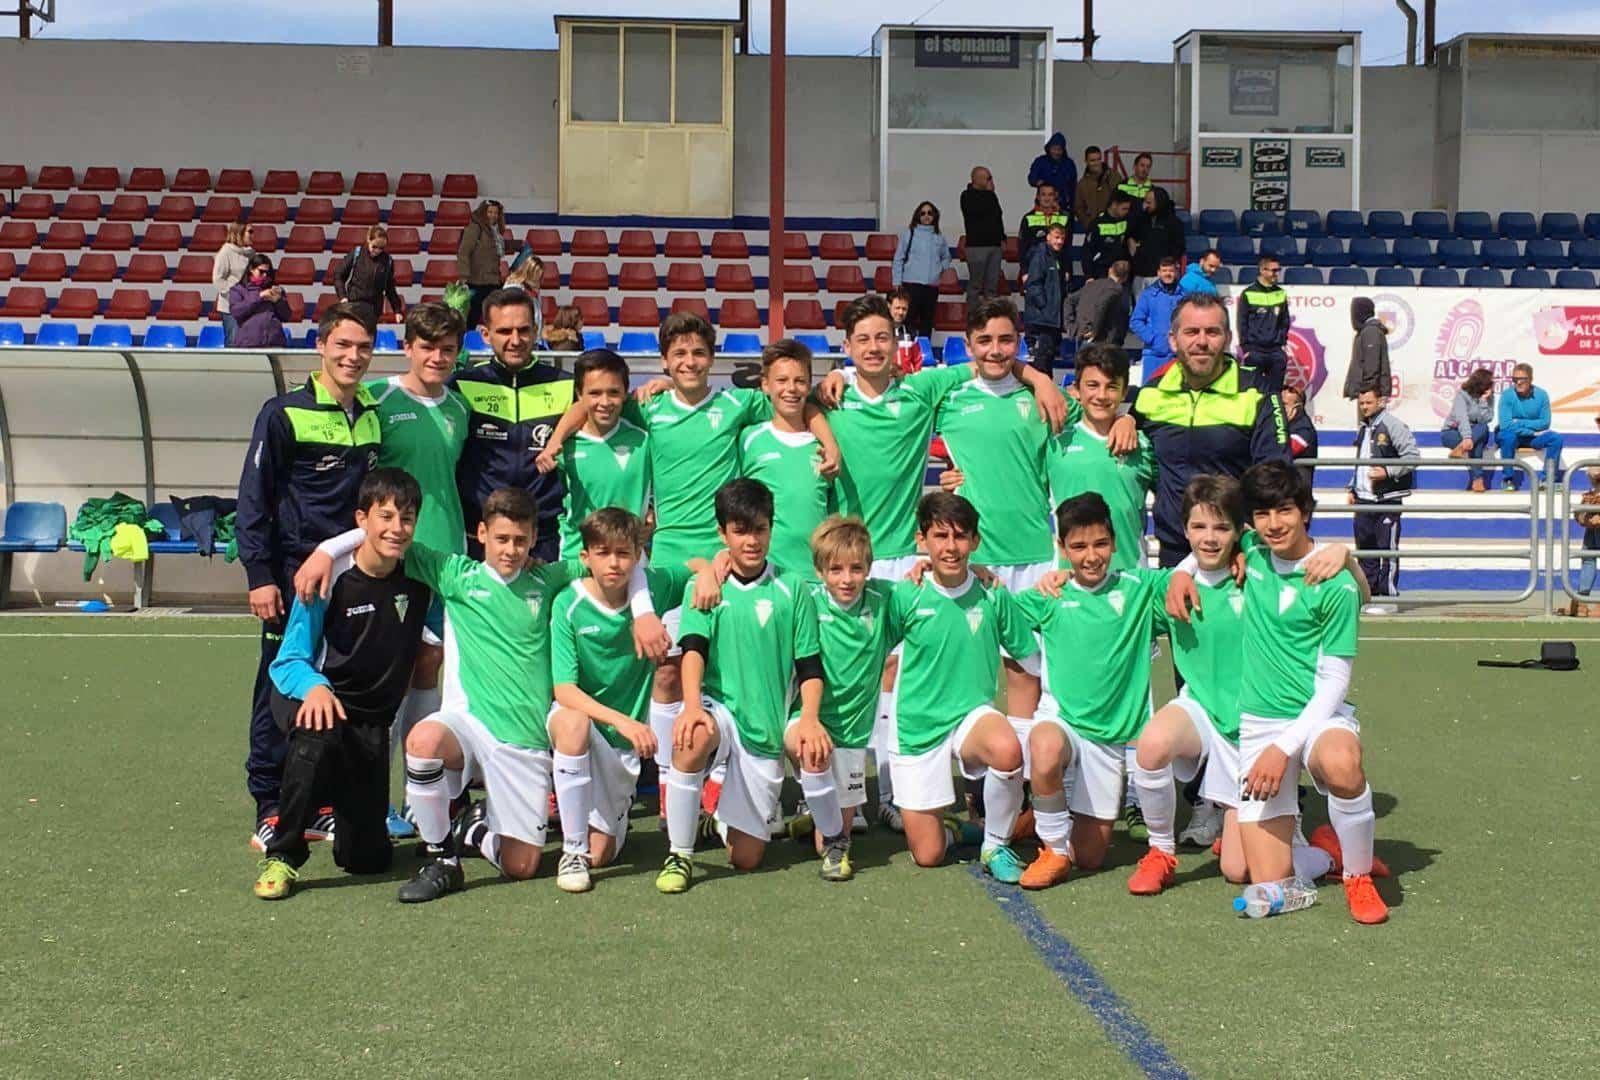 equipo infantil futbol herencia - El equipo infantil de Herencia se enfrenta en cuartos de final de la Fase Regional frente al Almansa